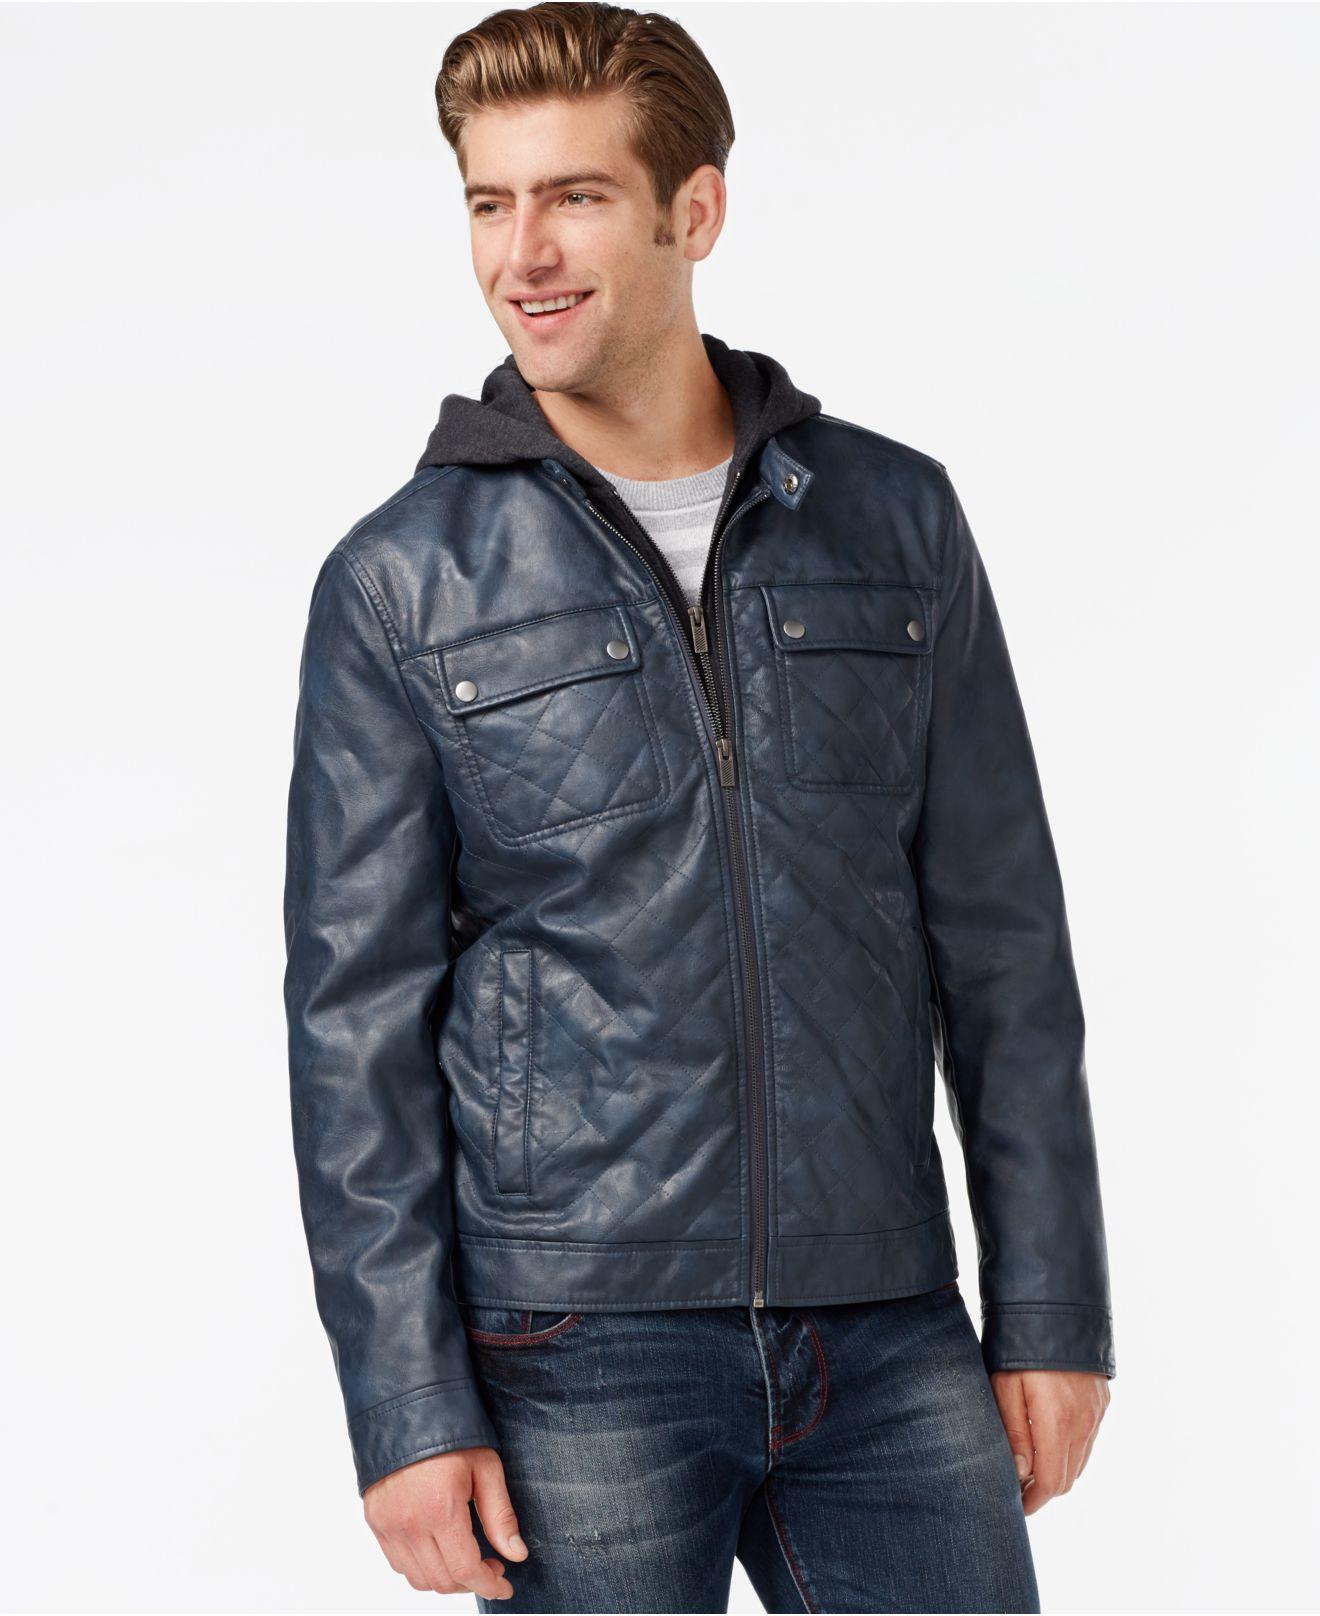 Leather Er Jacket Men - Caffection